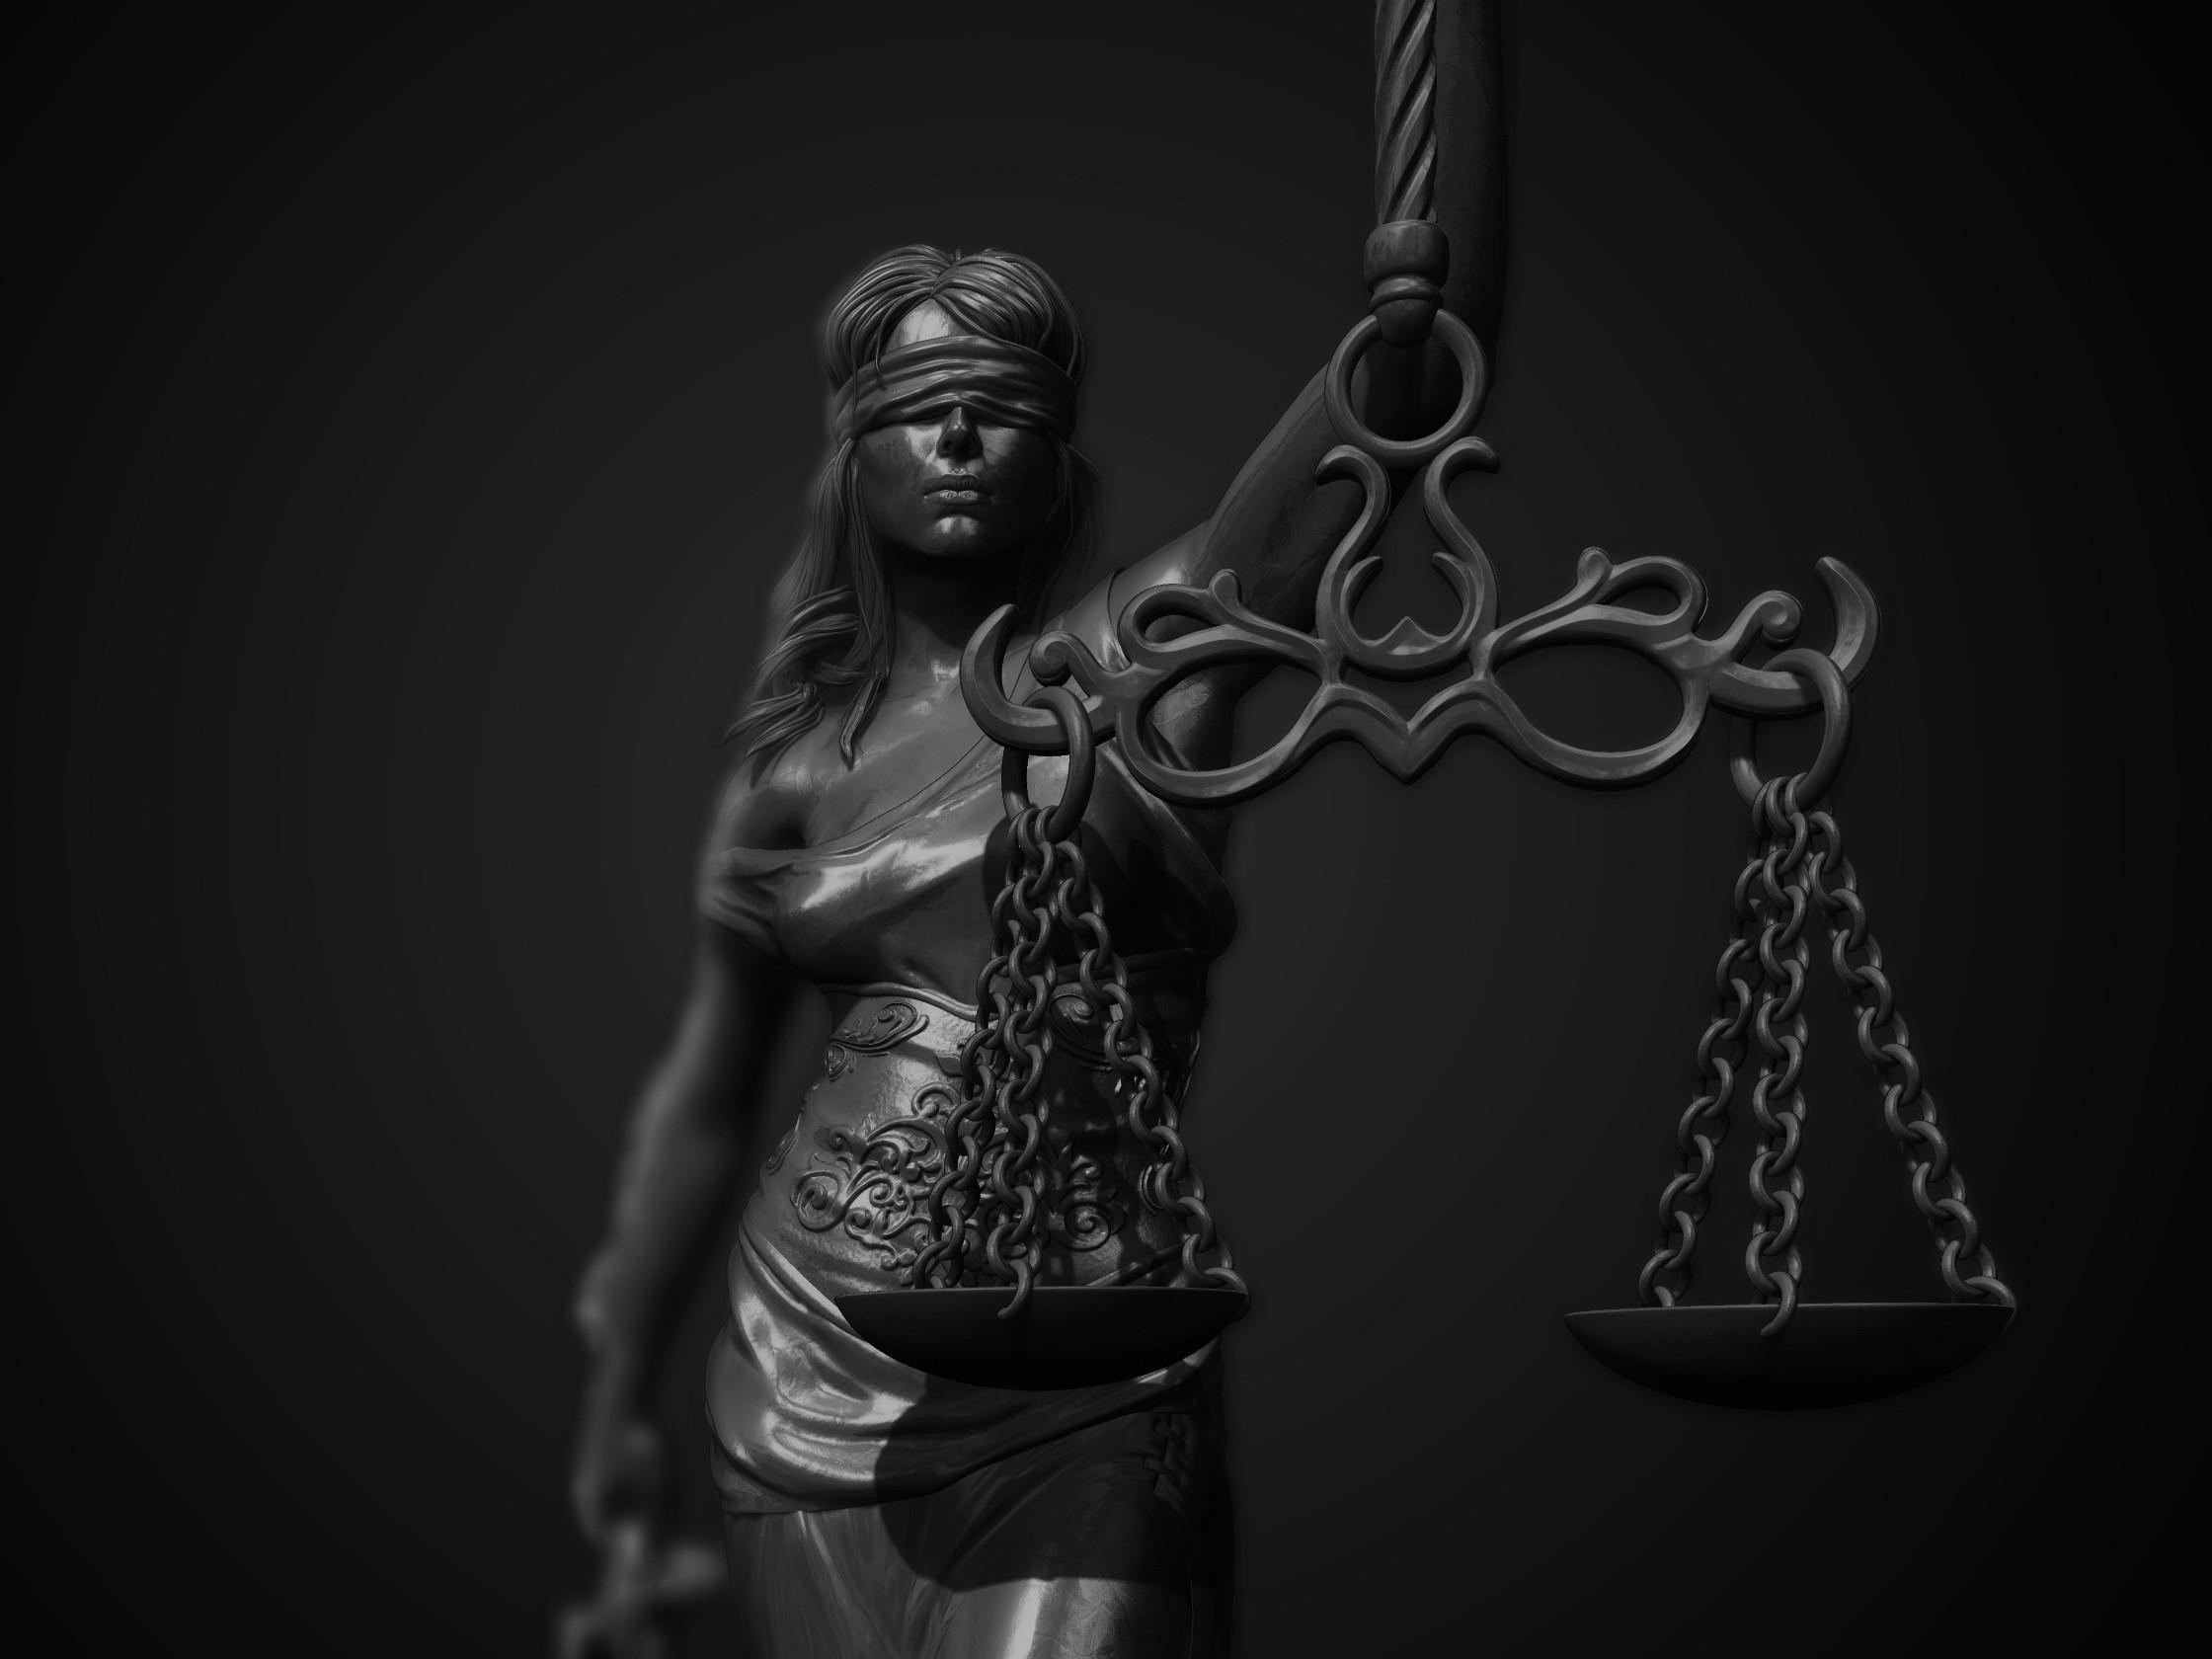 بیانیهی اتاق تجارت دیجیتال در مورد پرونده قضایی میان تلگرام و SEC